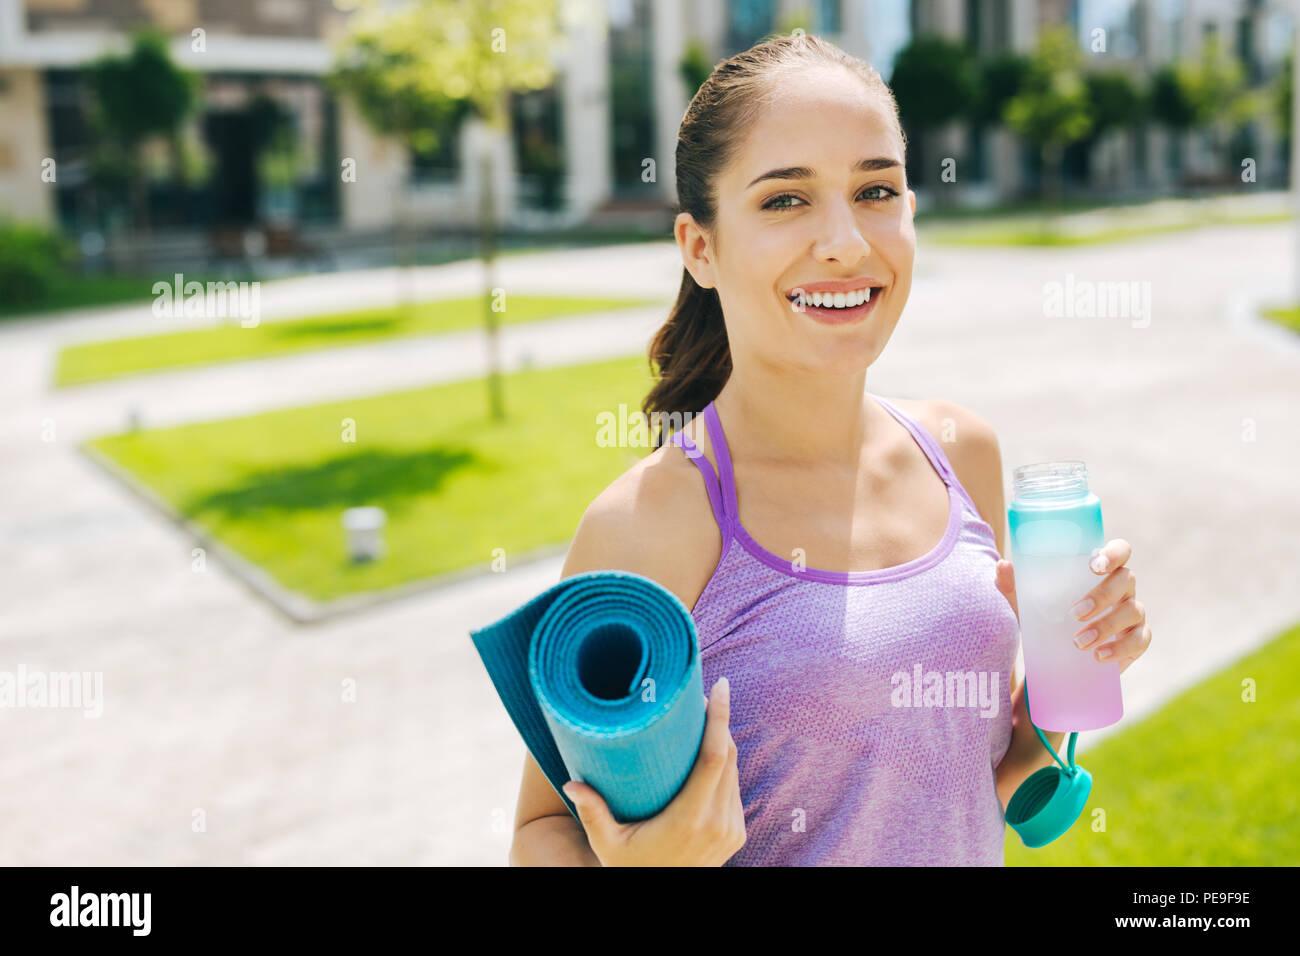 Encantado bonita mujer llevando un estilo de vida saludable Imagen De Stock